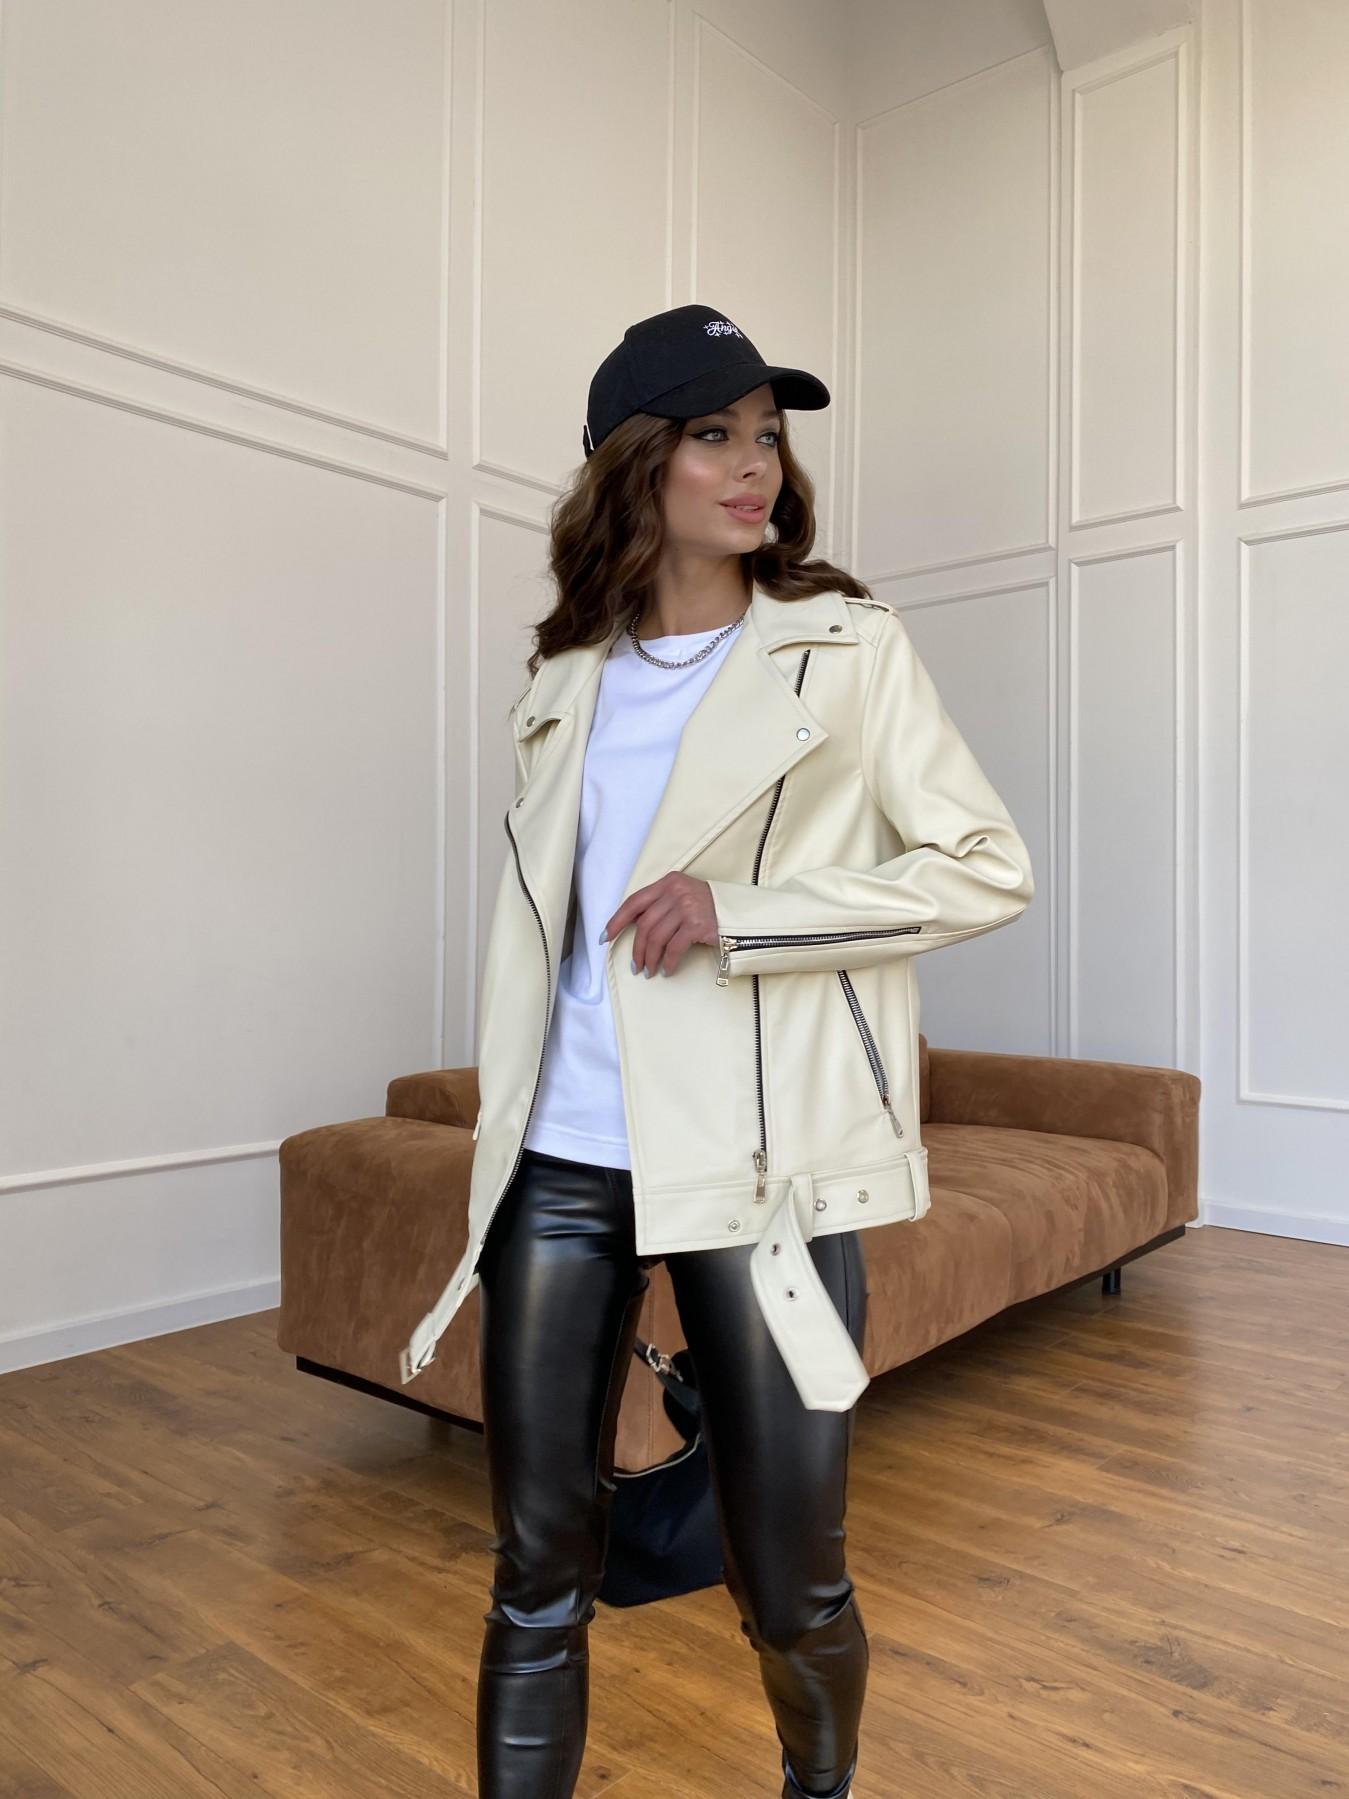 куртки демисезонные женские Харьков Босс куртка из экокожи прокатанной  11173